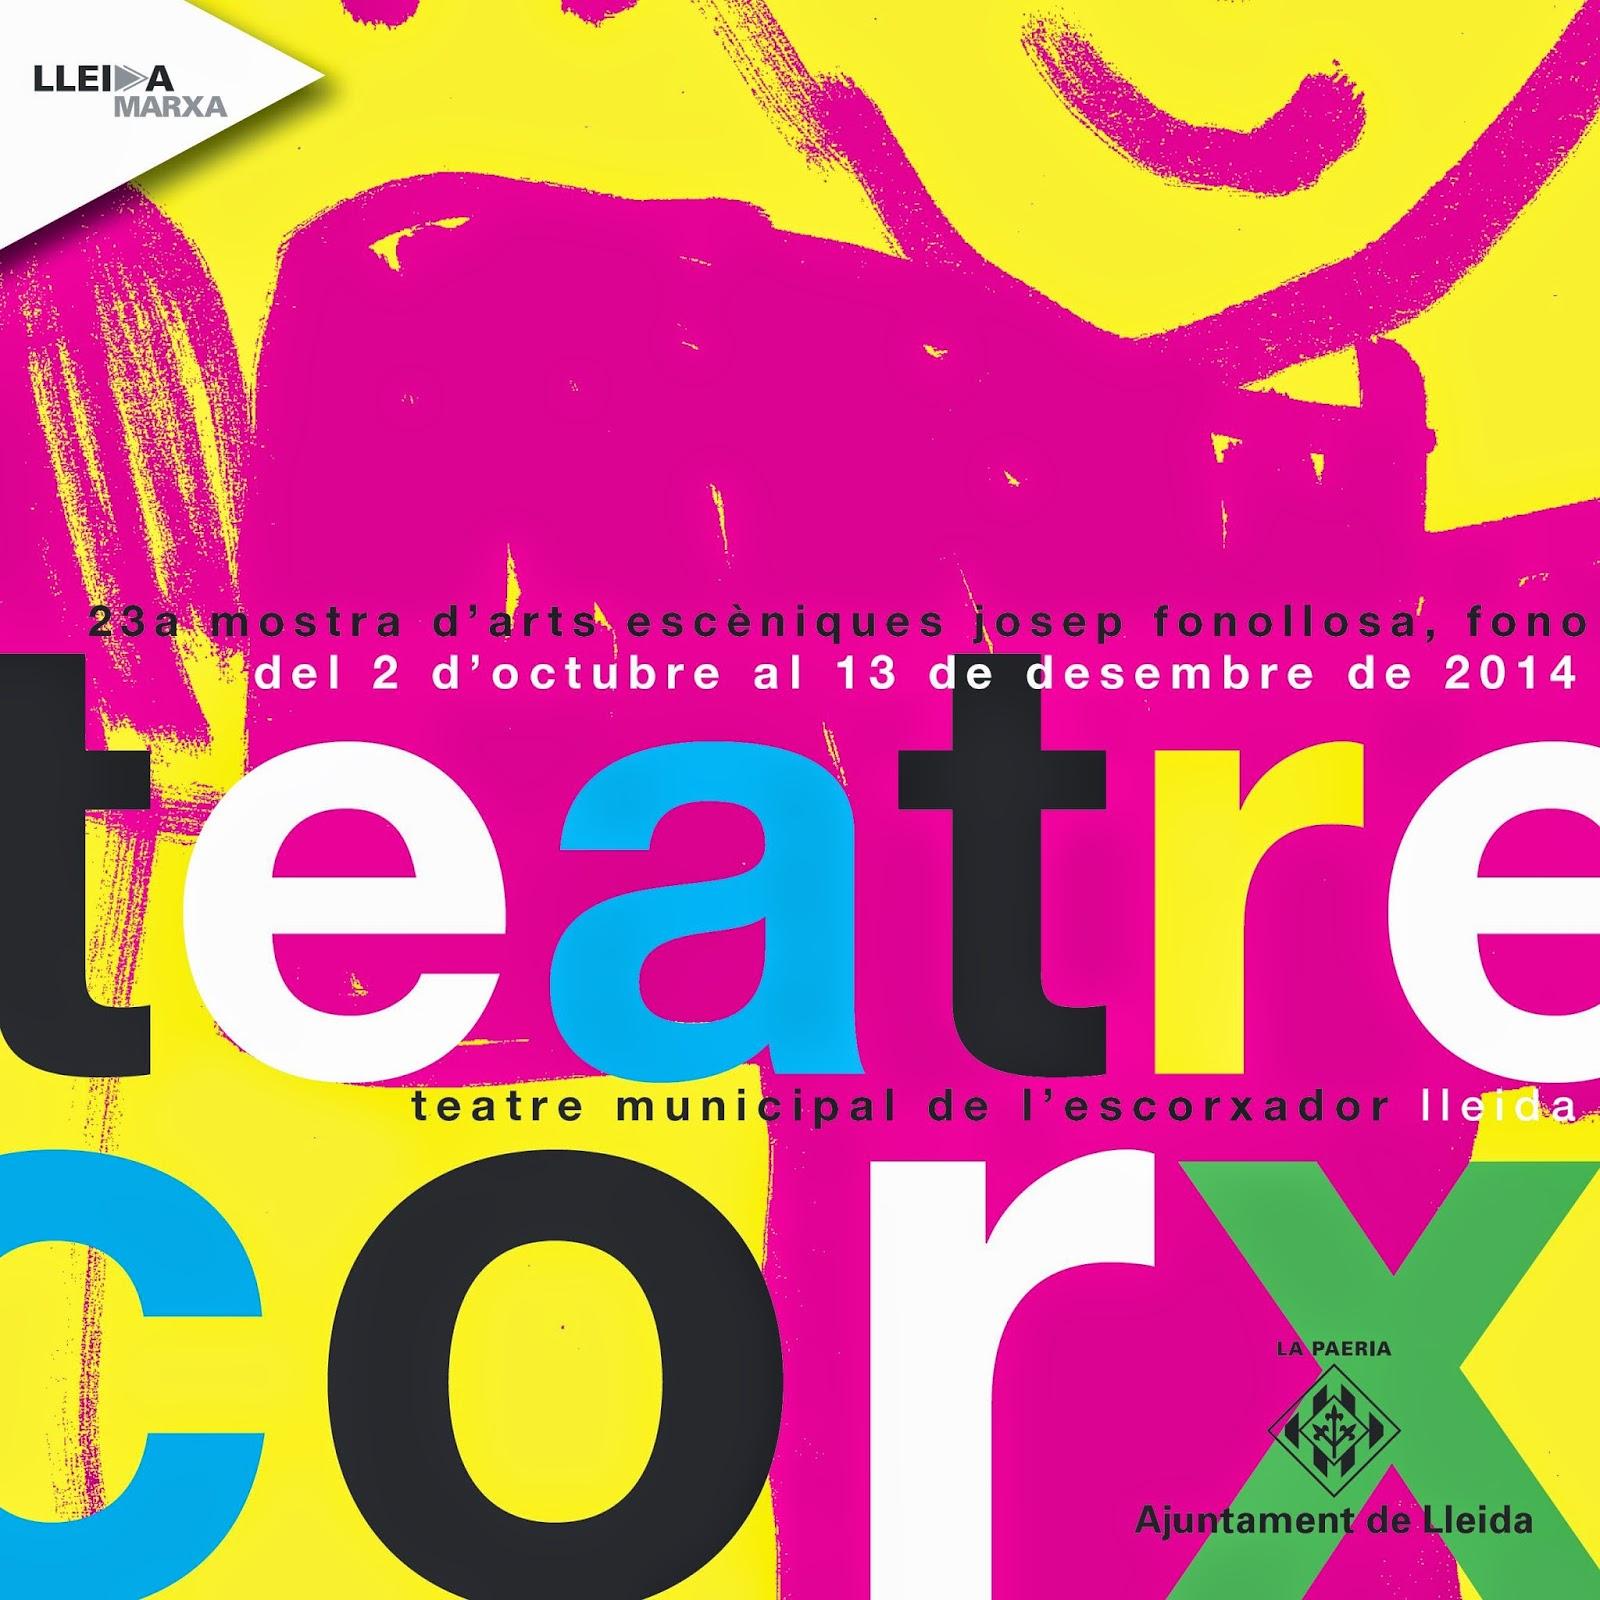 http://issuu.com/teatreescorxador/docs/pdf_programa2014